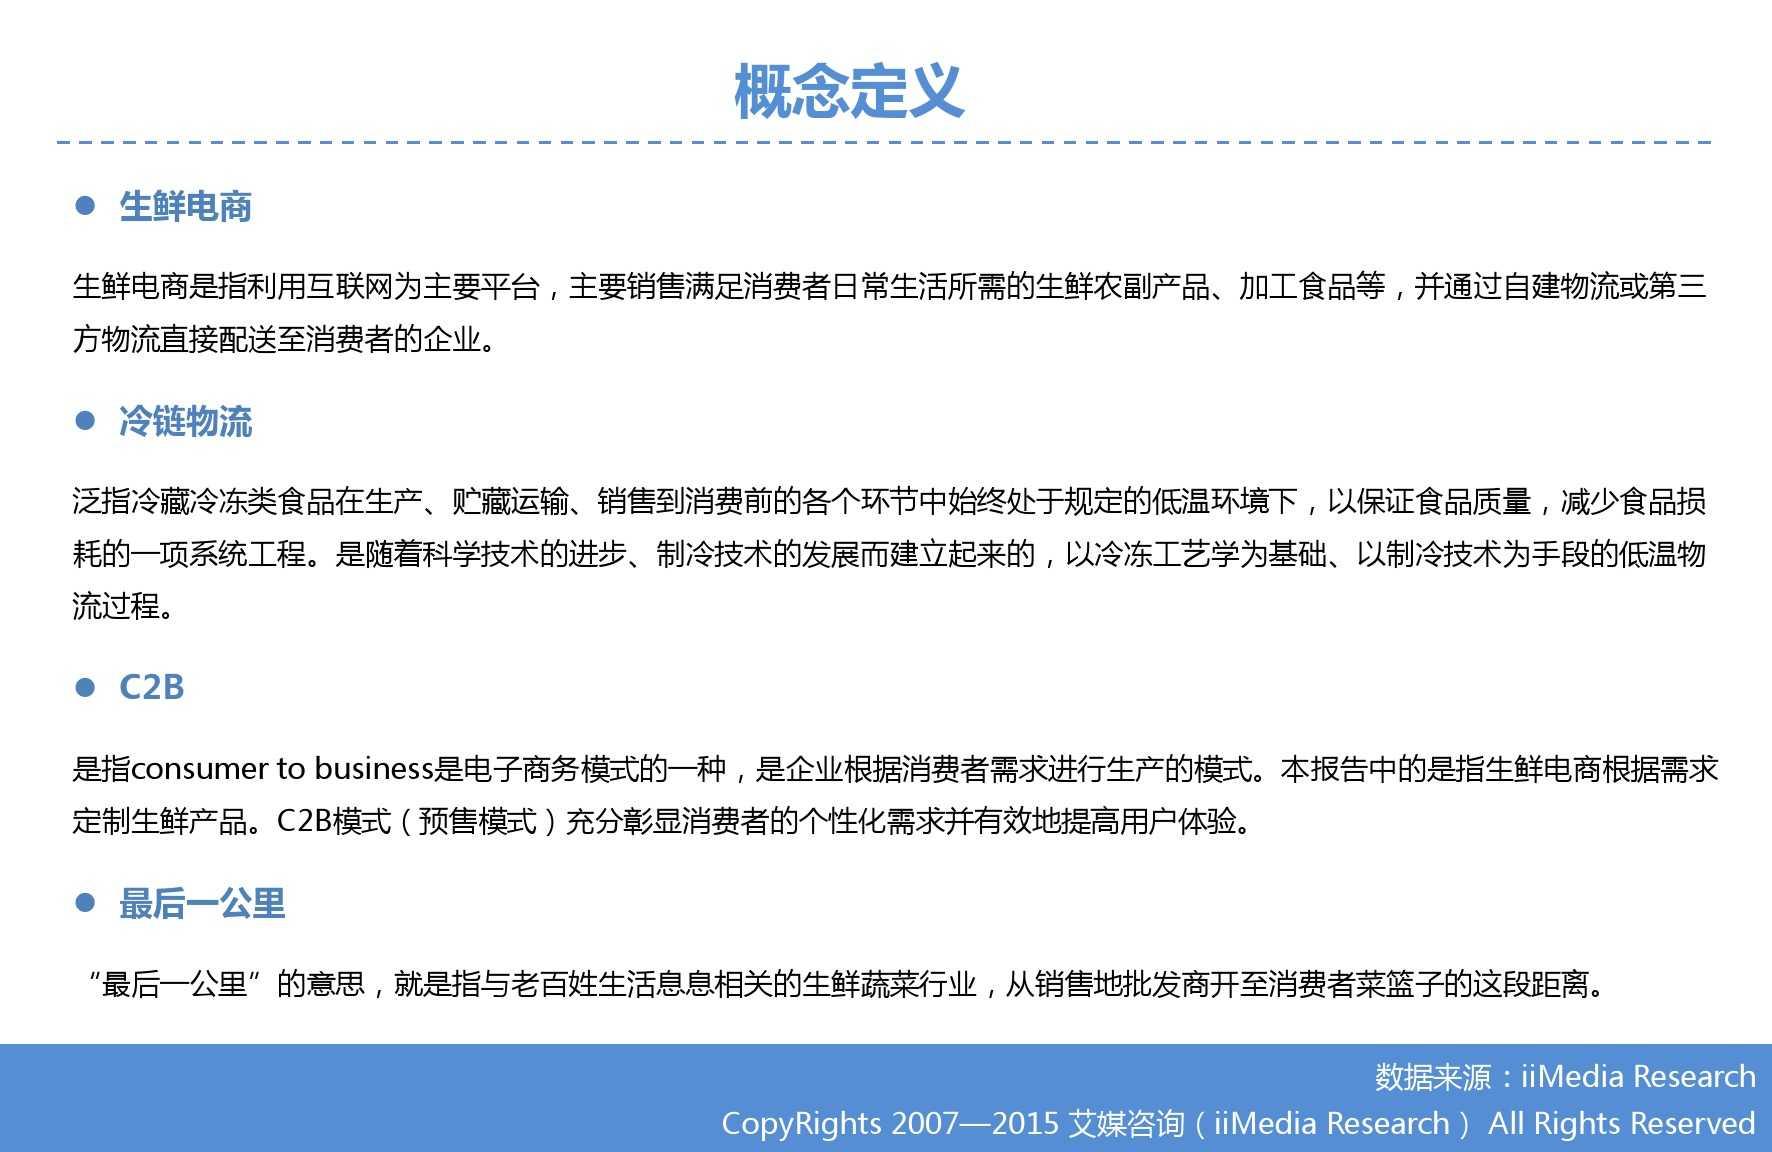 艾媒咨询:2015年中国生鲜电商市场研究报告_000004